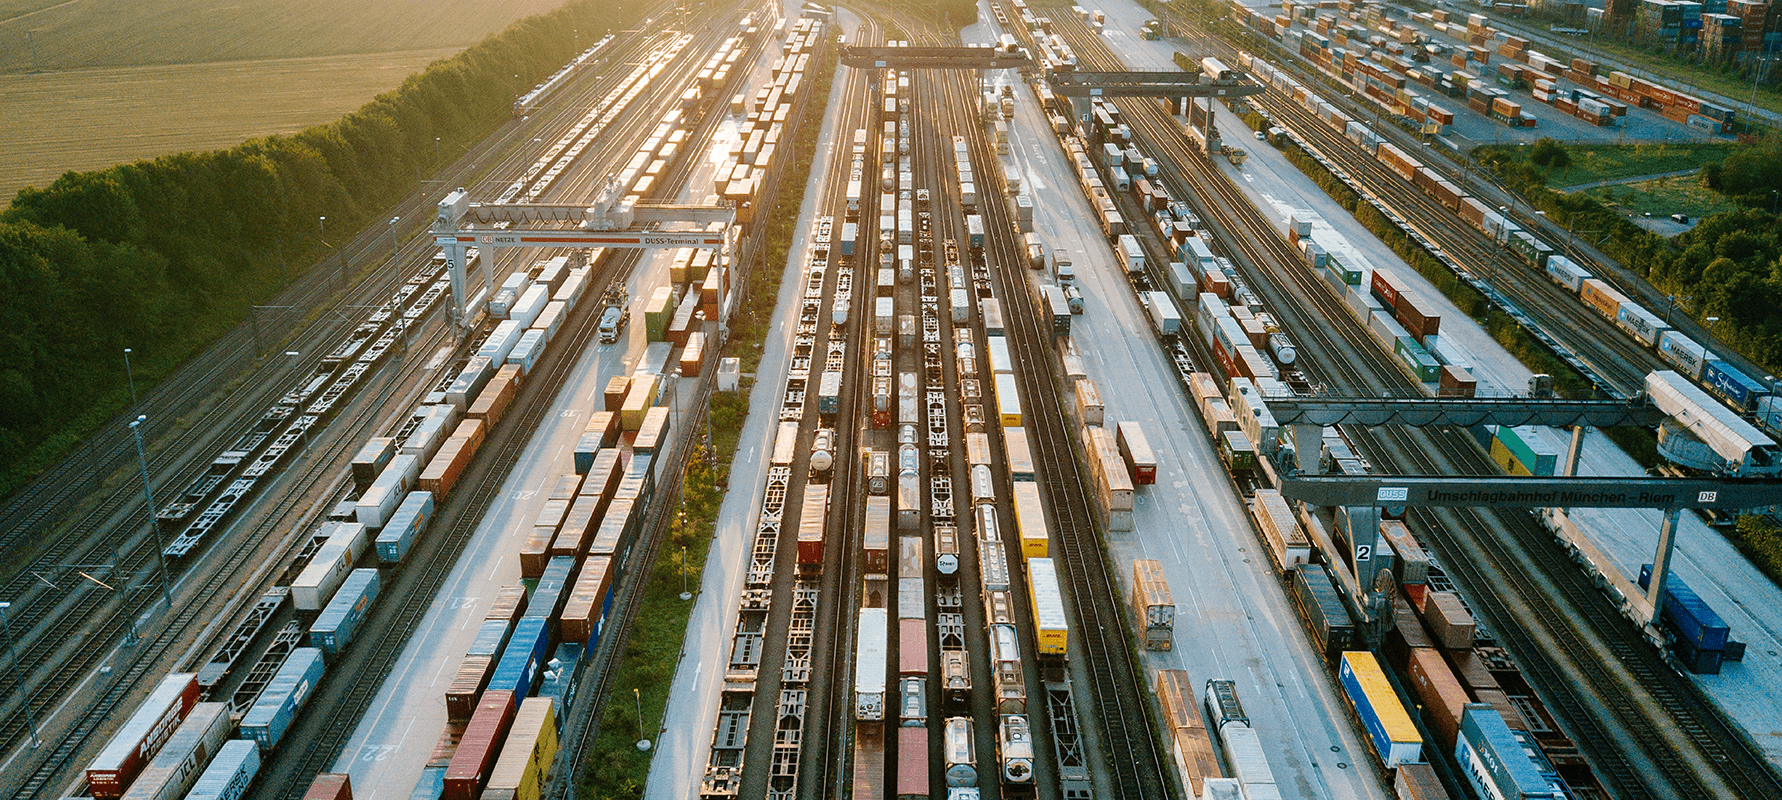 Güterverkehr von oben